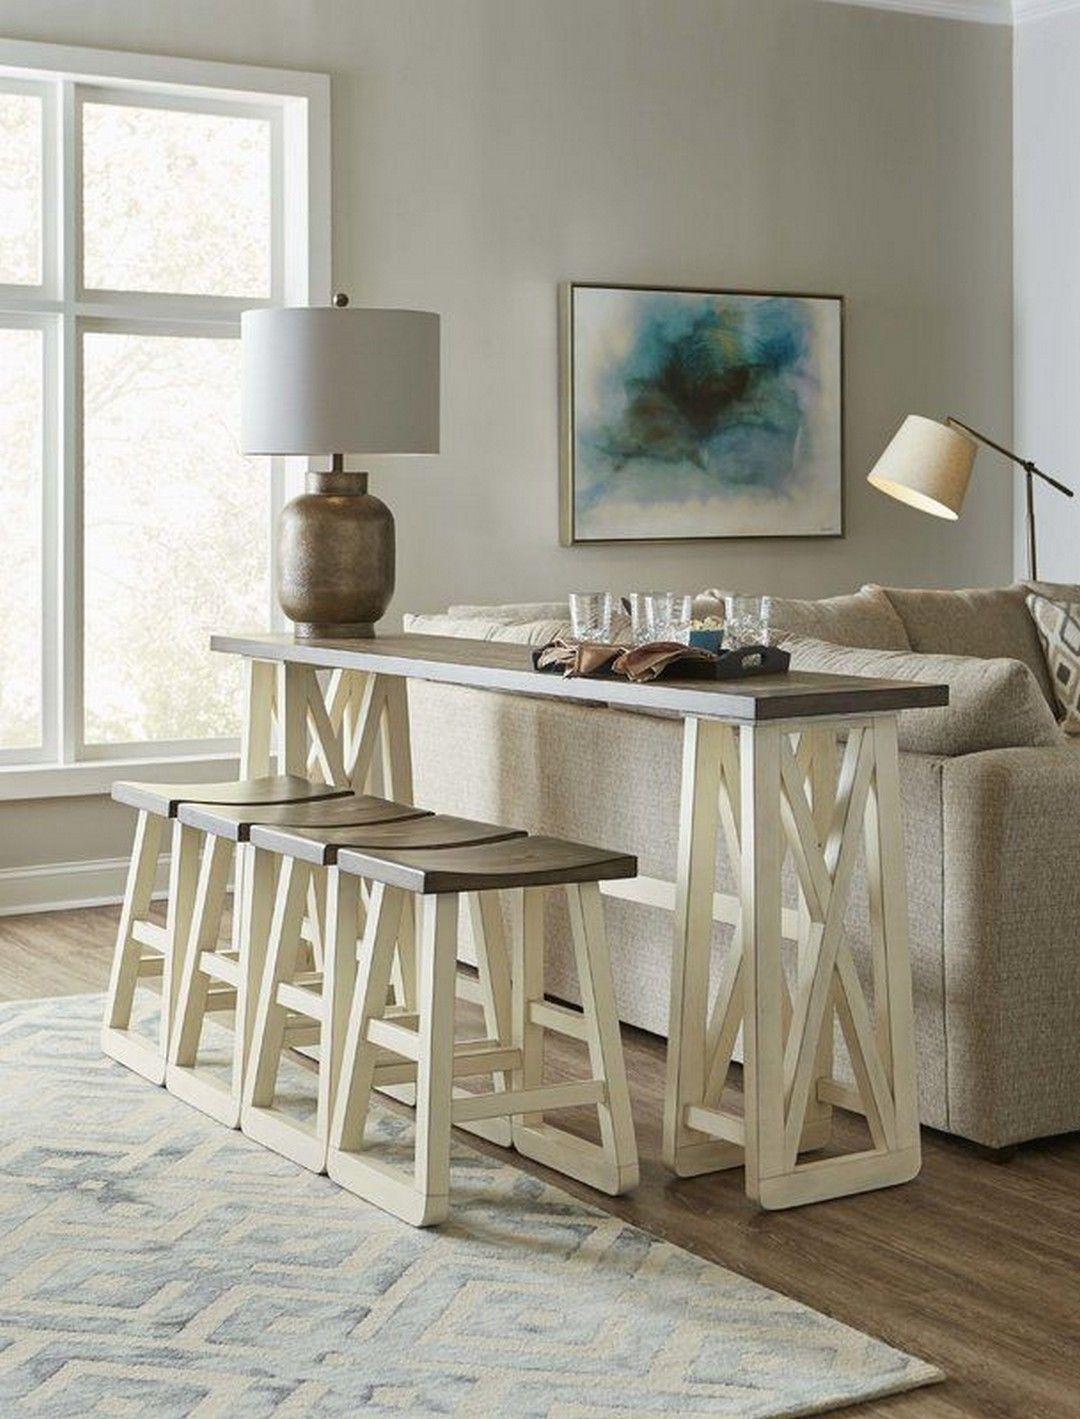 63 our beautiful farmhouse sofa table sofa table decor